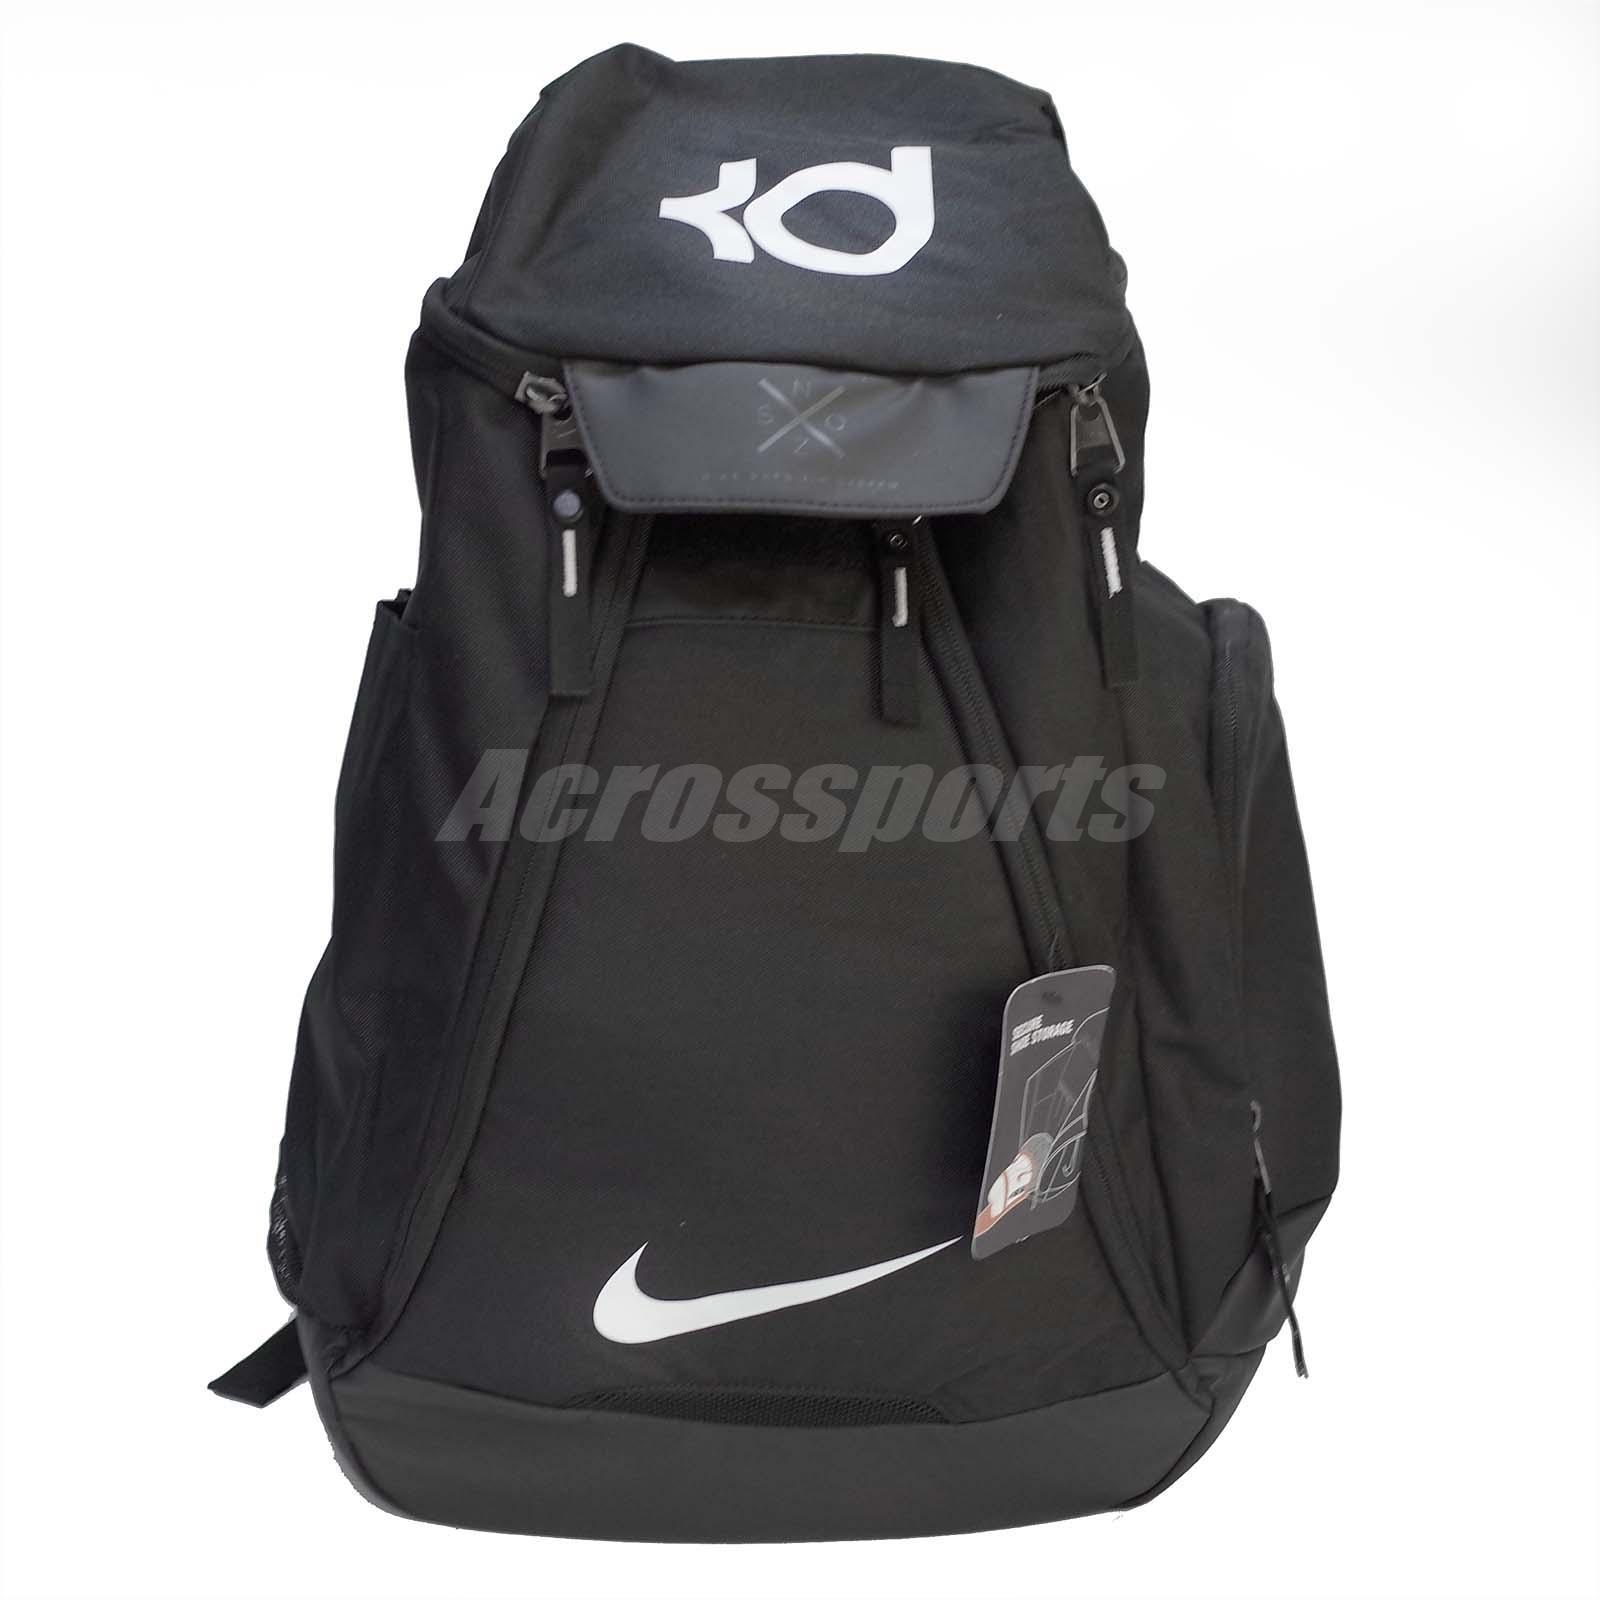 c84a1b33389ec Nike KD 8 V8 Backpack Kd Backpack: Nike KD Max Air Elite Kevin Durant Black  White Basketball